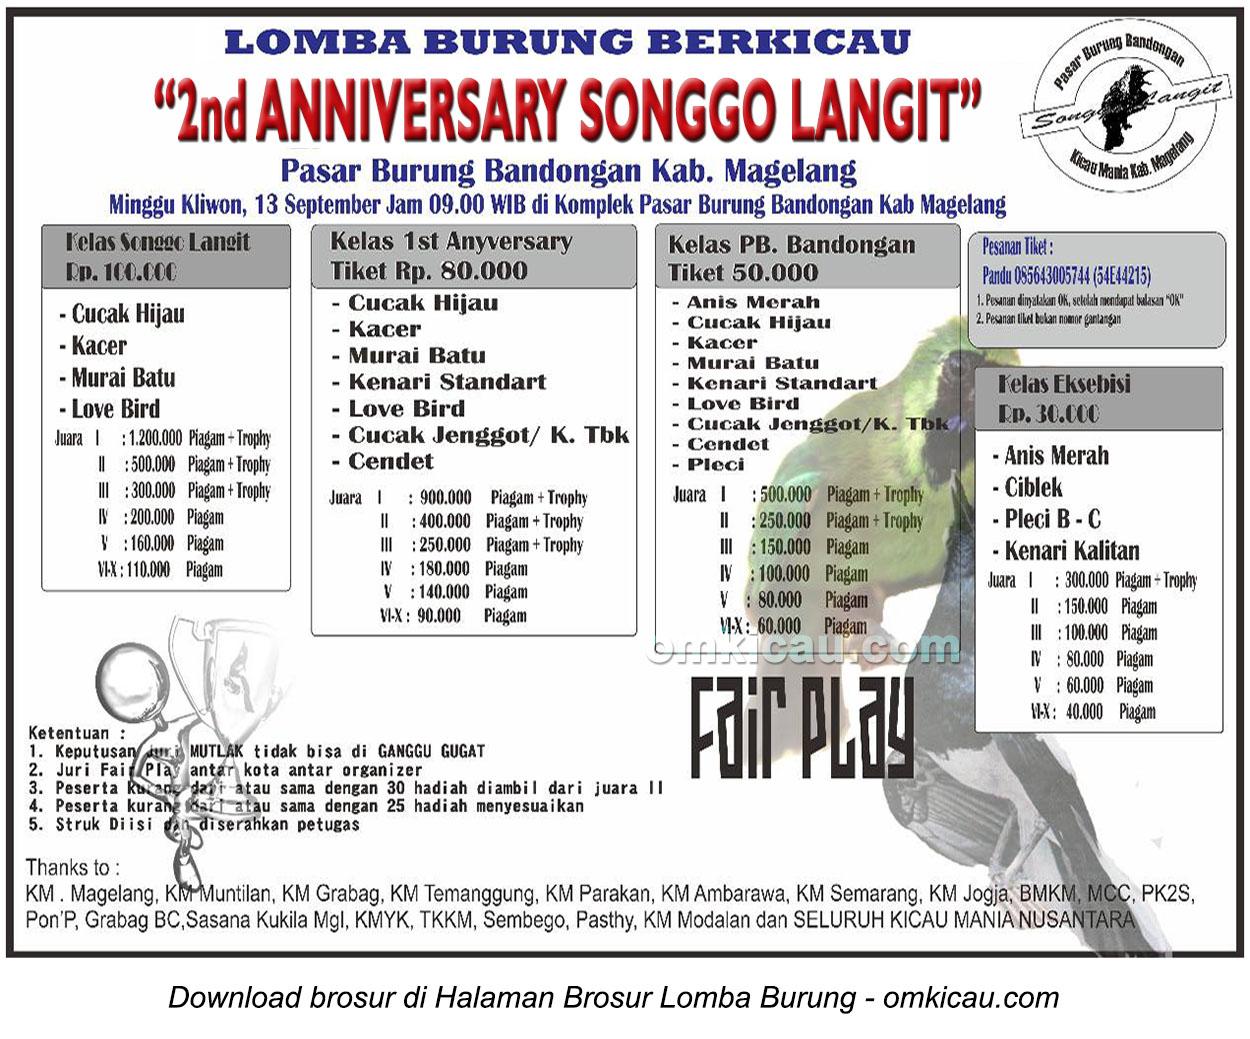 Brosur Lomba Burung Berkicau 2nd Anniversary Songgo Langit, Magelang, 13 September 2015